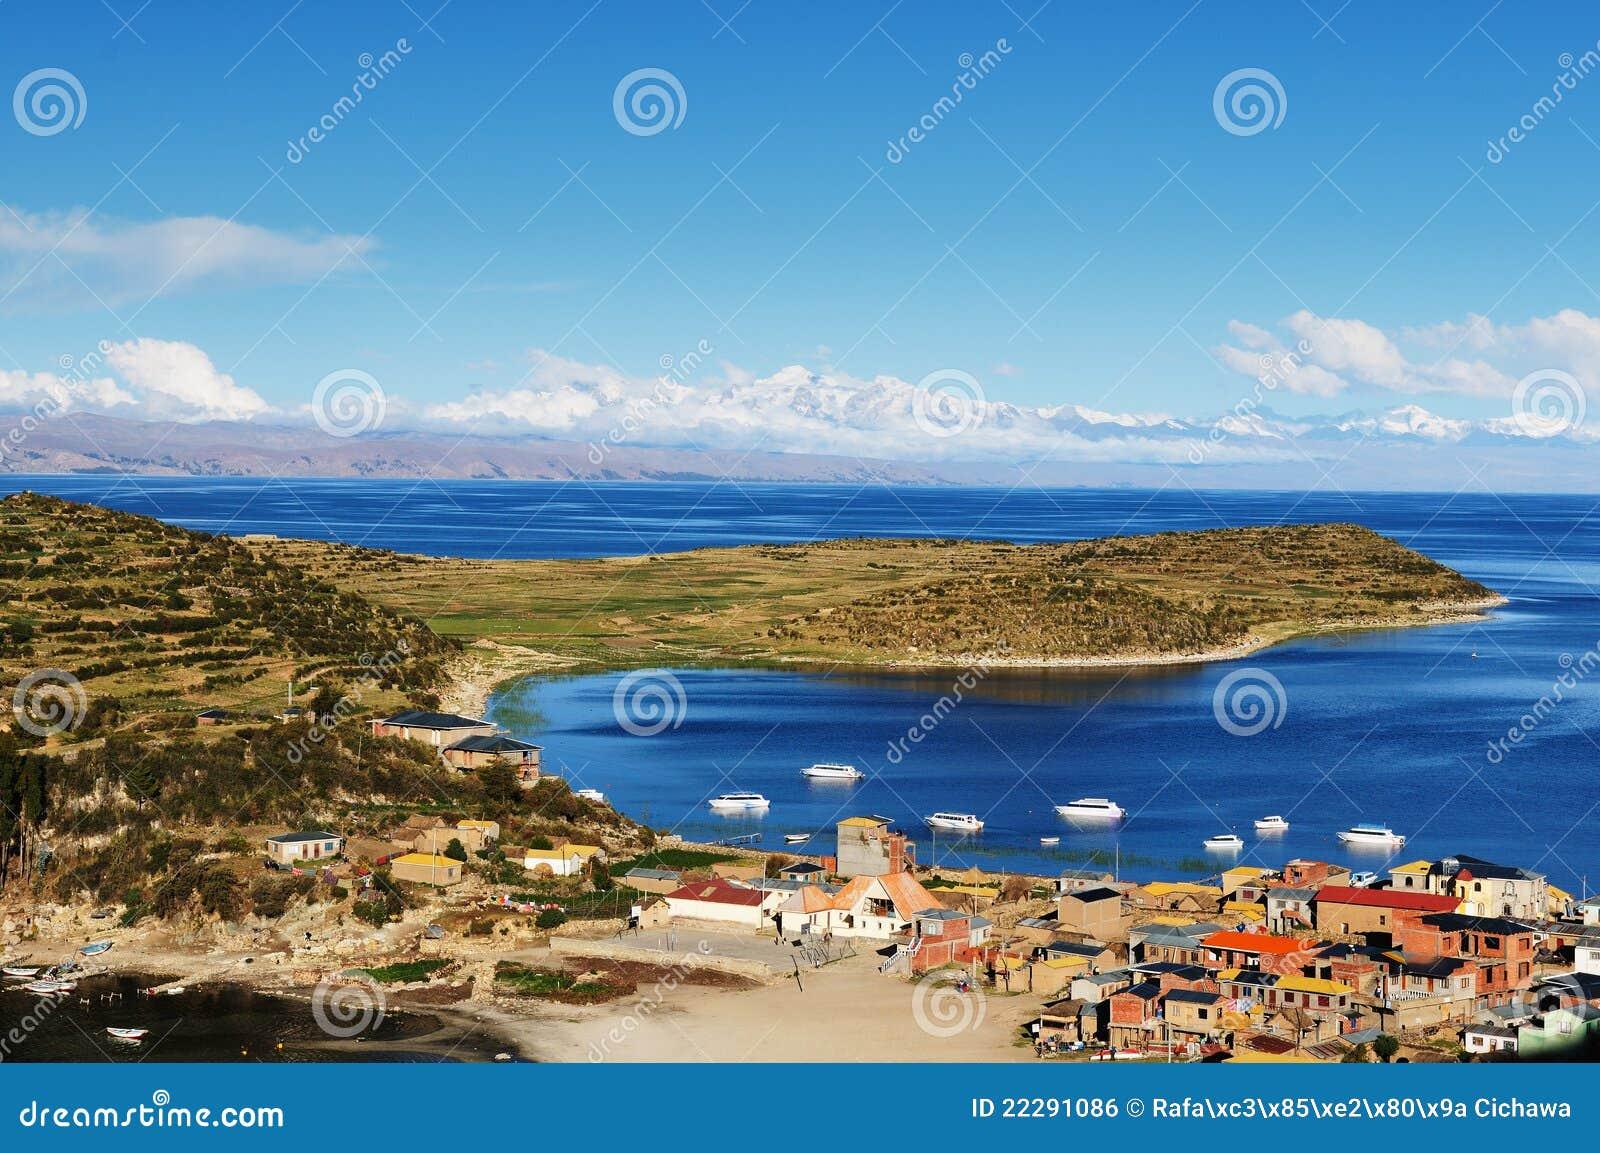 Lago Titicaca, Bolivia, paisaje de Isla del Sol